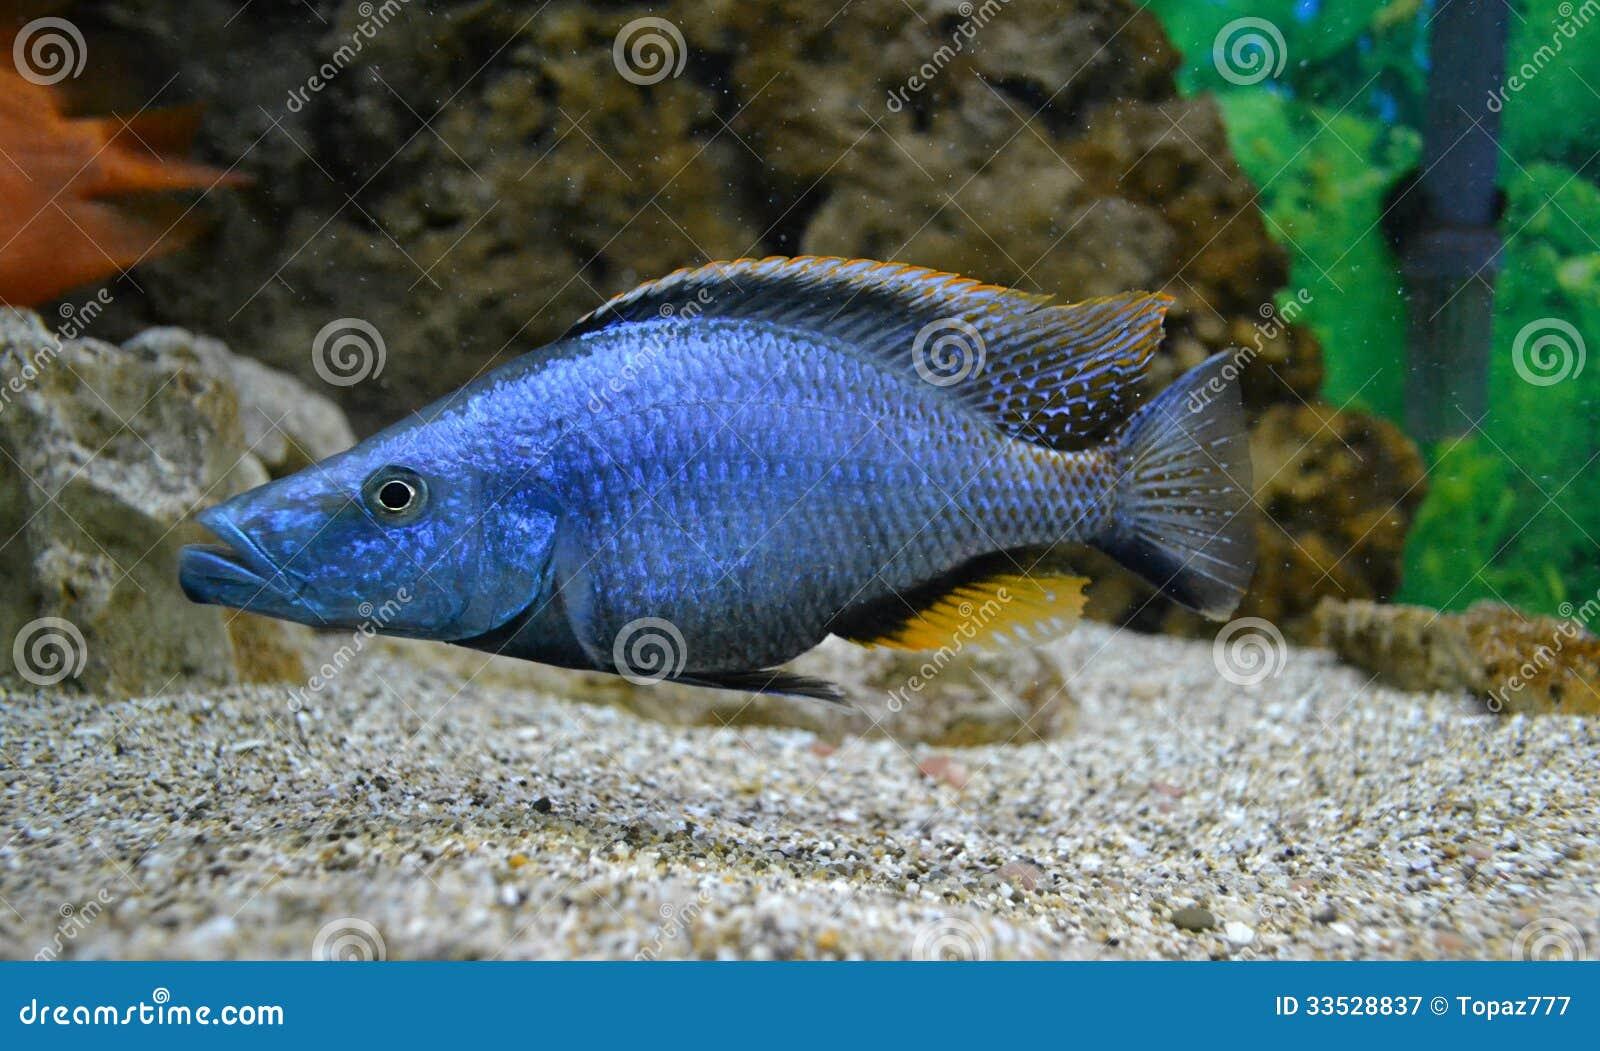 Marine for aquarium fish aquatic.